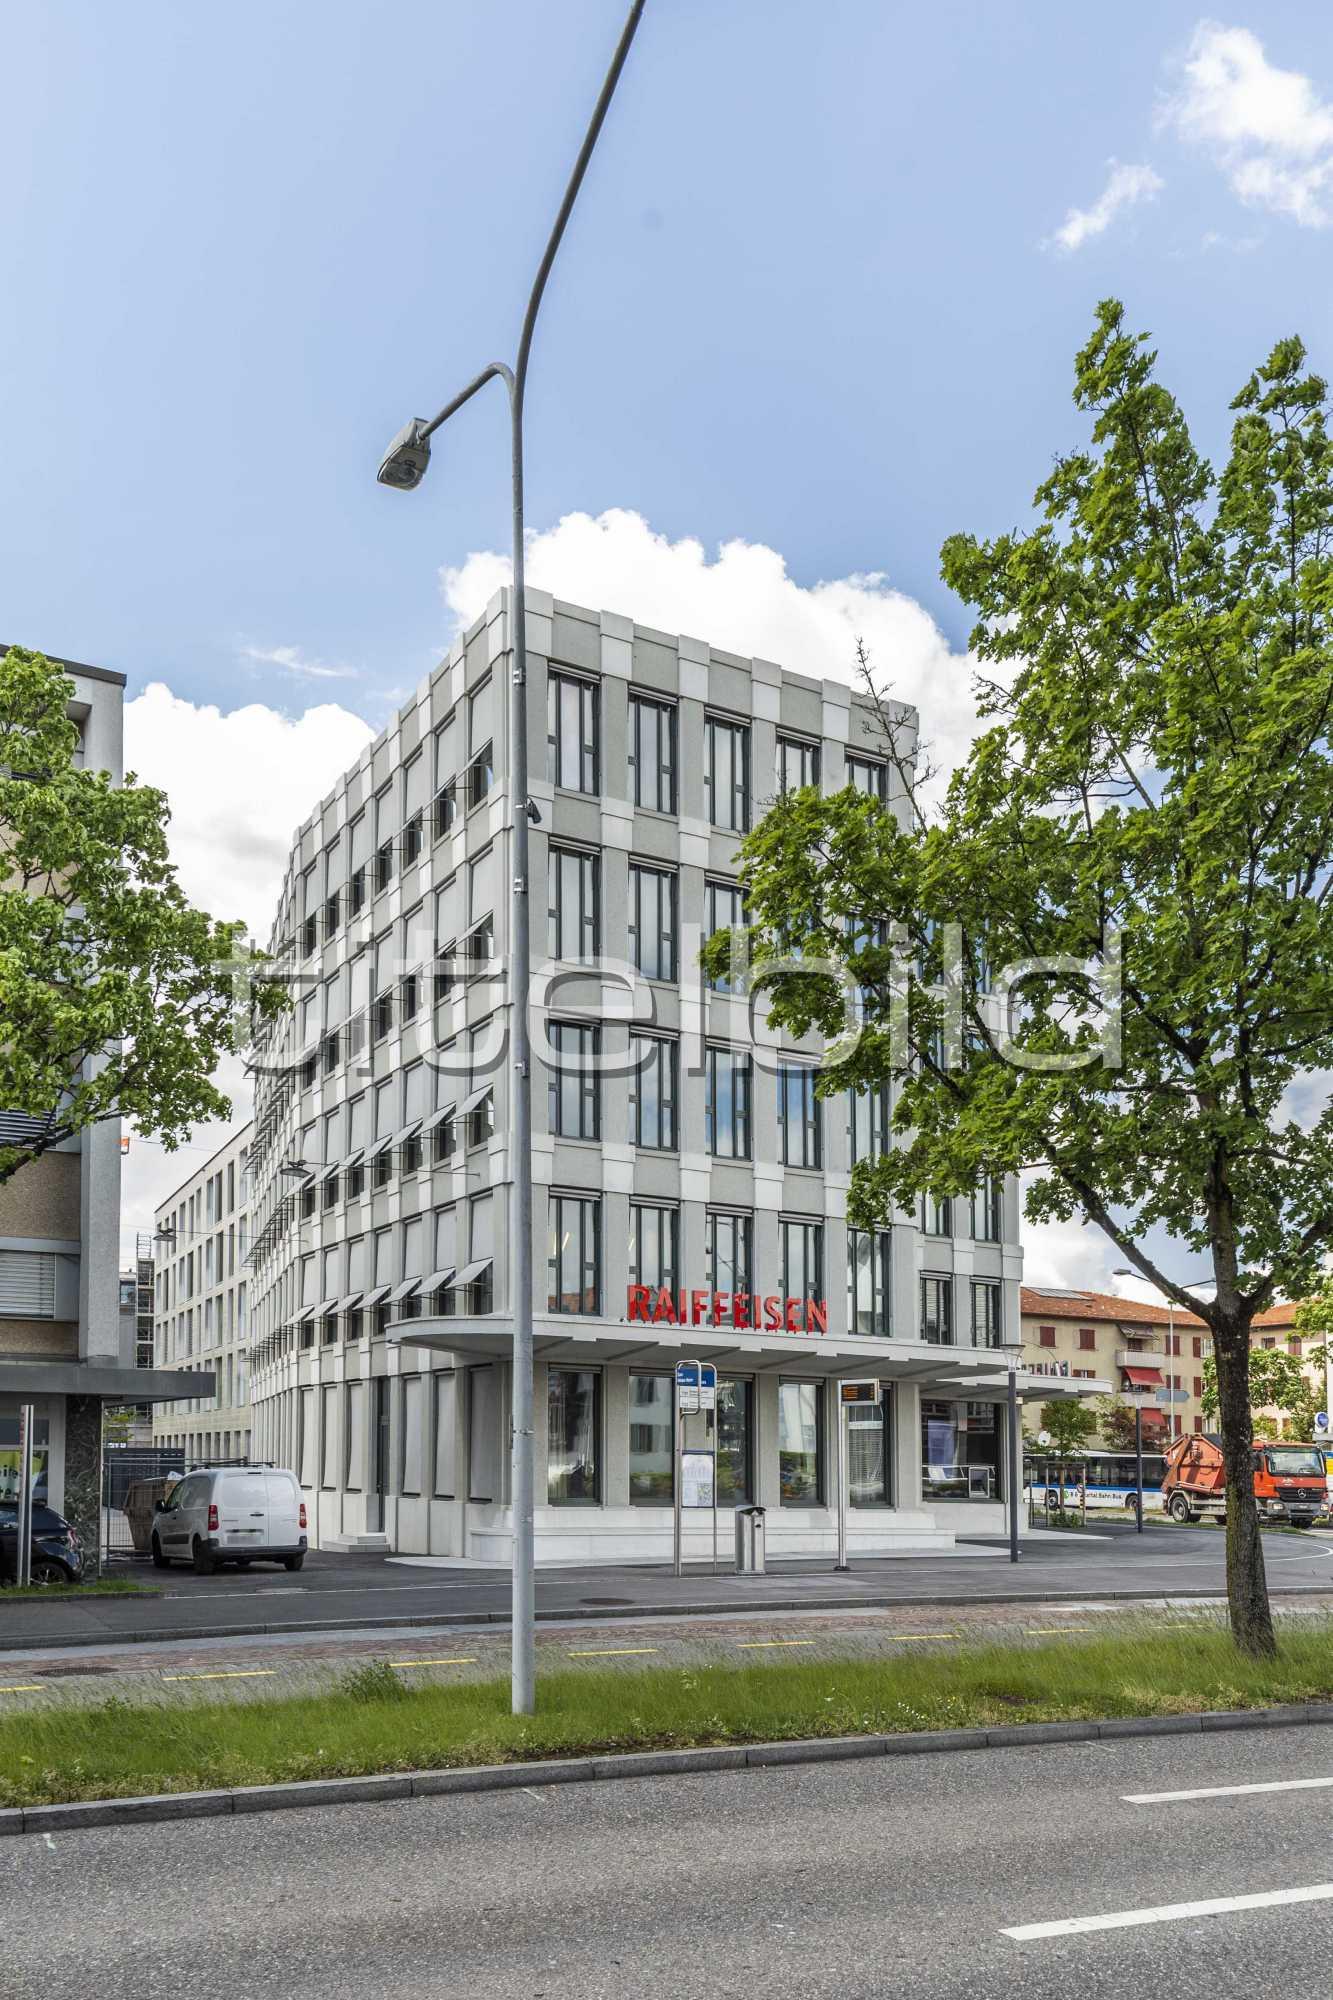 Projektbild-Nr. 2: Neubau Hauptsitz der Raiffeisenbank